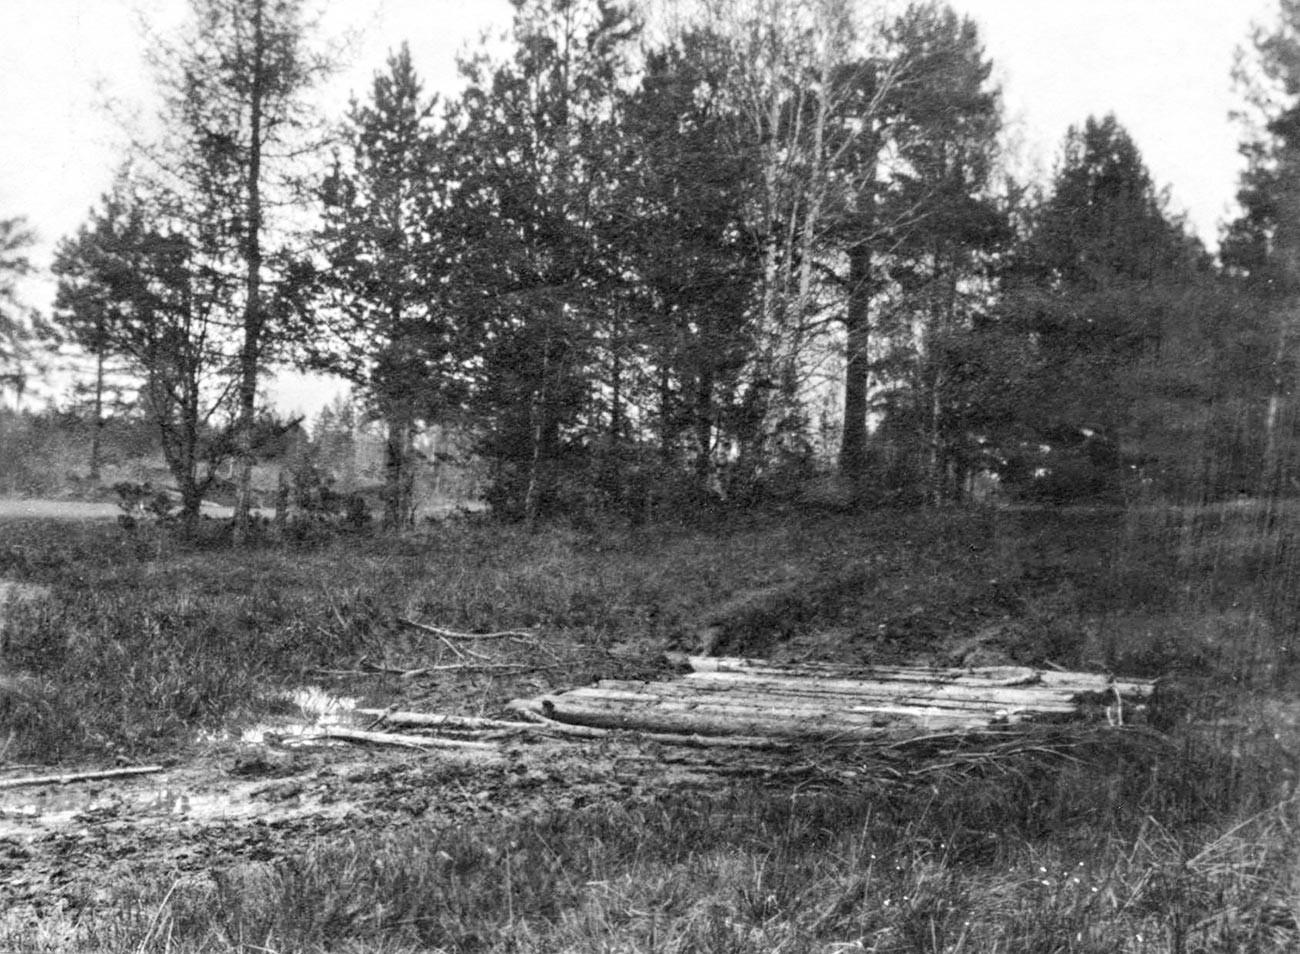 Der Ort, wo die Überreste von Nikolaus II., seiner Familie und Dienern gefunden wurden.